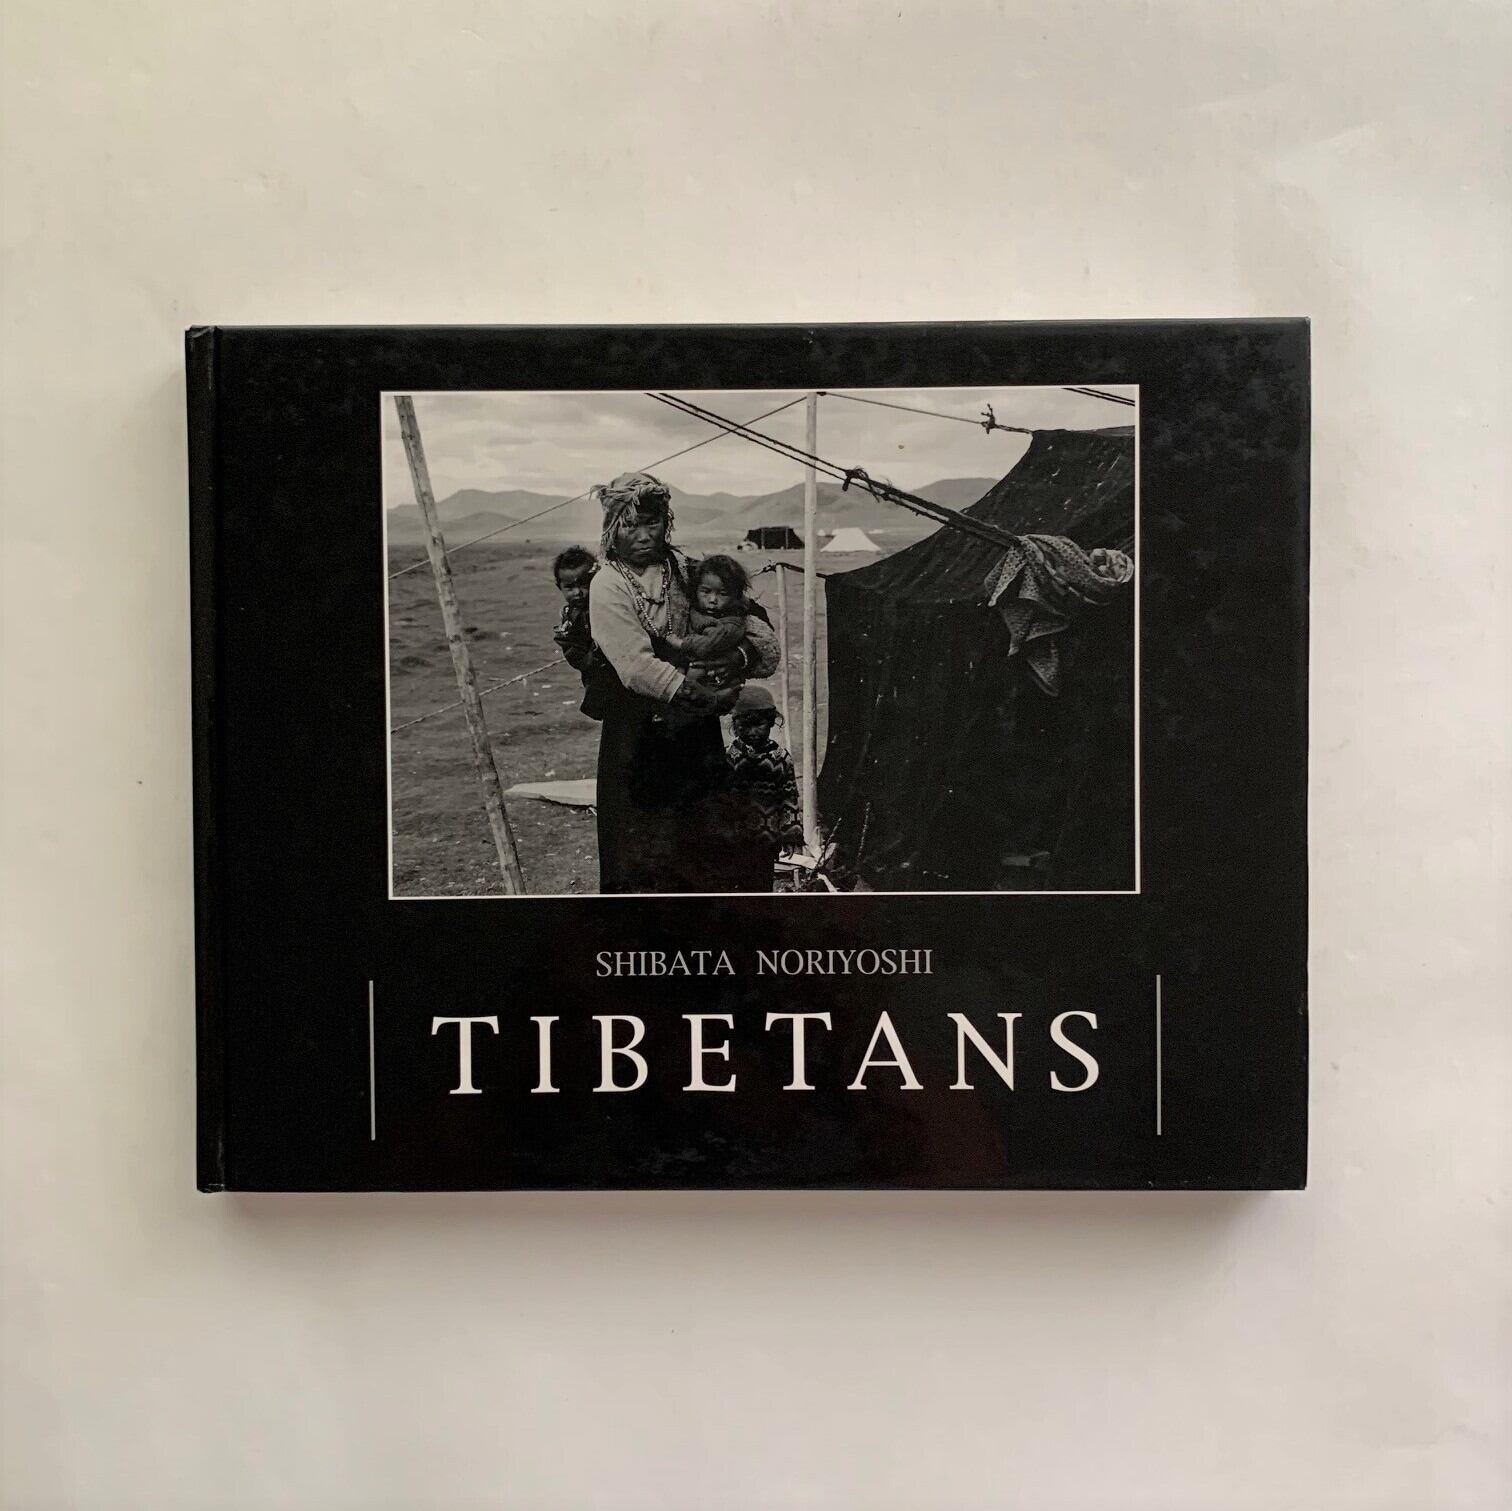 ティベタンズ TIBETANS / 柴田のりよし